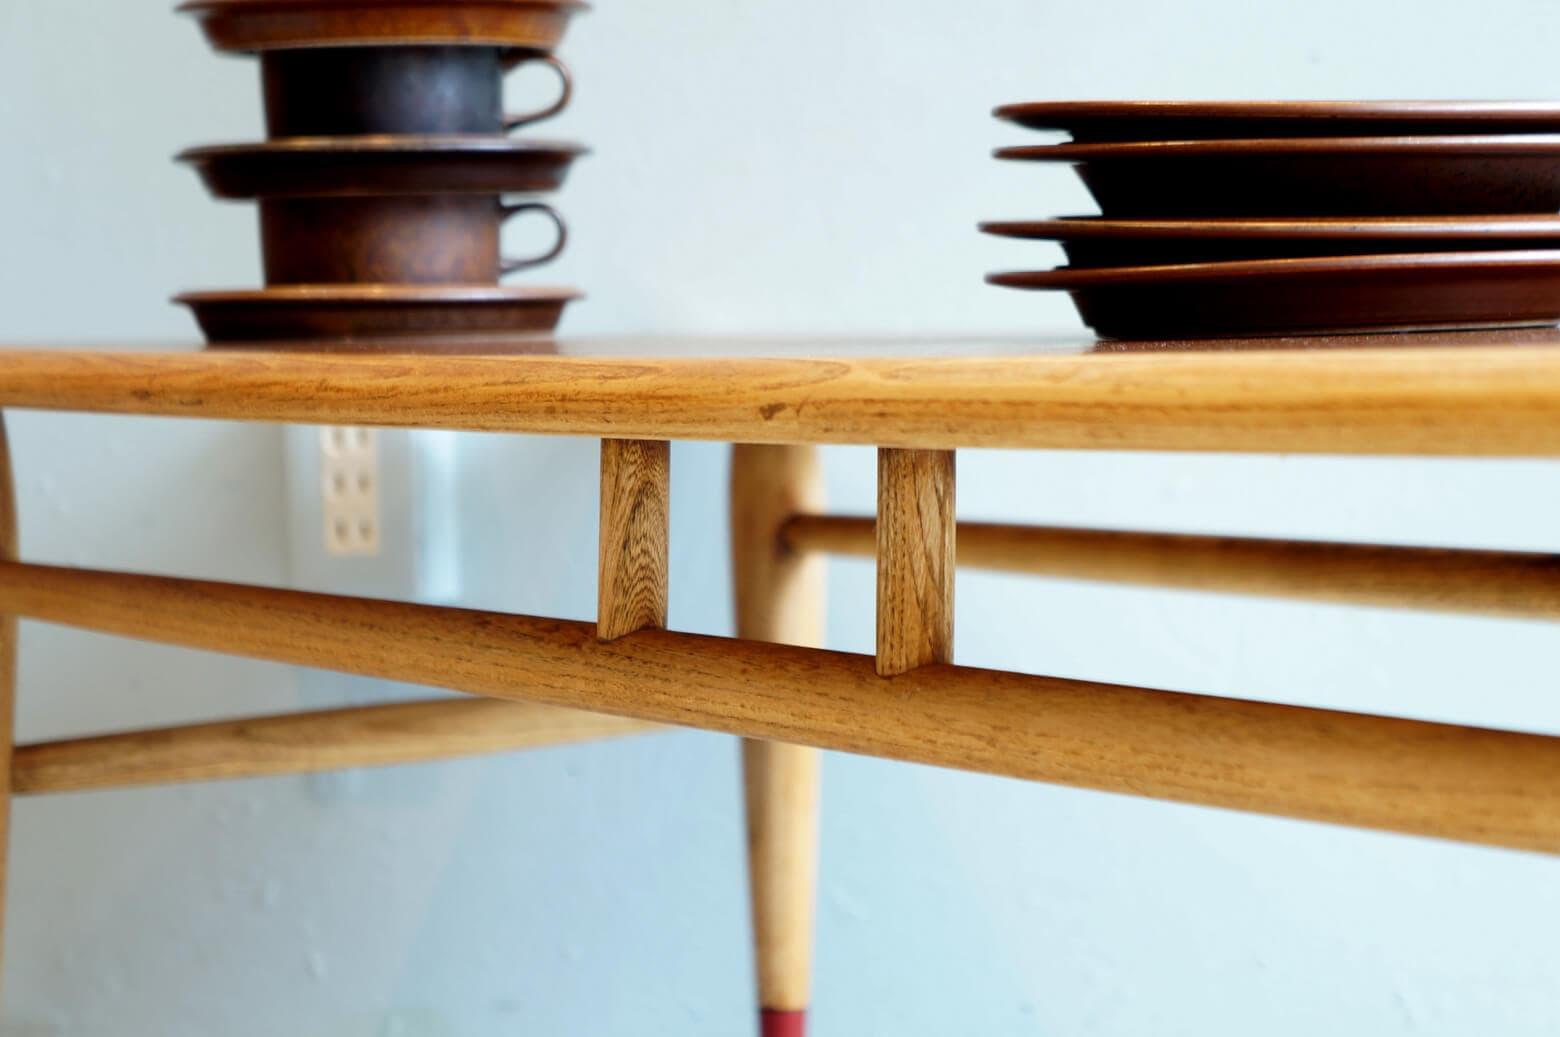 1912年創業の老舗家具メーカー『LANE/レーン』。 特に、50~60年代アメリカのミッドセンチュリー期に作られた家具は今でも高い人気を誇ります。 その中でも『ACCLAIM/アクレーン』はその時代のLANEを代表するシリーズ。 天板の両サイドには『ダブテイル』という鳩の尾っぽのような組み木模様が施されており、シンプルな形でも存在感があるテーブルです。 アメリカミッドセンチュリーがお好きな方であればひとつは欲しいシリーズではないでしょうか。 ソファの前にどん!と置いて古き良き時代のアメリカの雰囲気をぜひ味わってください。 経年や使用による細かな擦れやキズがございます。ビンテージの風合いを残すために着色の少ない植物性メンテナンスオイルを塗り、より自然なオーク材とウォールナット材の木肌をお楽しみいただけるよう仕上げております。 ここでLANEの家具の豆知識を♪ LANEのロゴマークと共に刻印されているシリアルナンバーから製造年月日を知ることができます。 ナンバーを後ろから二桁ずつ、月→日→年の順に読んでいくと… 10.12.63、すなわち【63年10月12日】製ということになります。 なんだか謎解きをしているようですね。 ~【東京都杉並区阿佐ヶ谷北アンティークショップ 古一】 古一/ふるいちでは出張無料買取も行っております。杉並区周辺はもちろん、世田谷区・目黒区・武蔵野市・新宿区等の東京近郊のお見積もりも!ビンテージ家具・インテリア雑貨・ランプ・USED品・ リサイクルなら古一/フルイチへ~